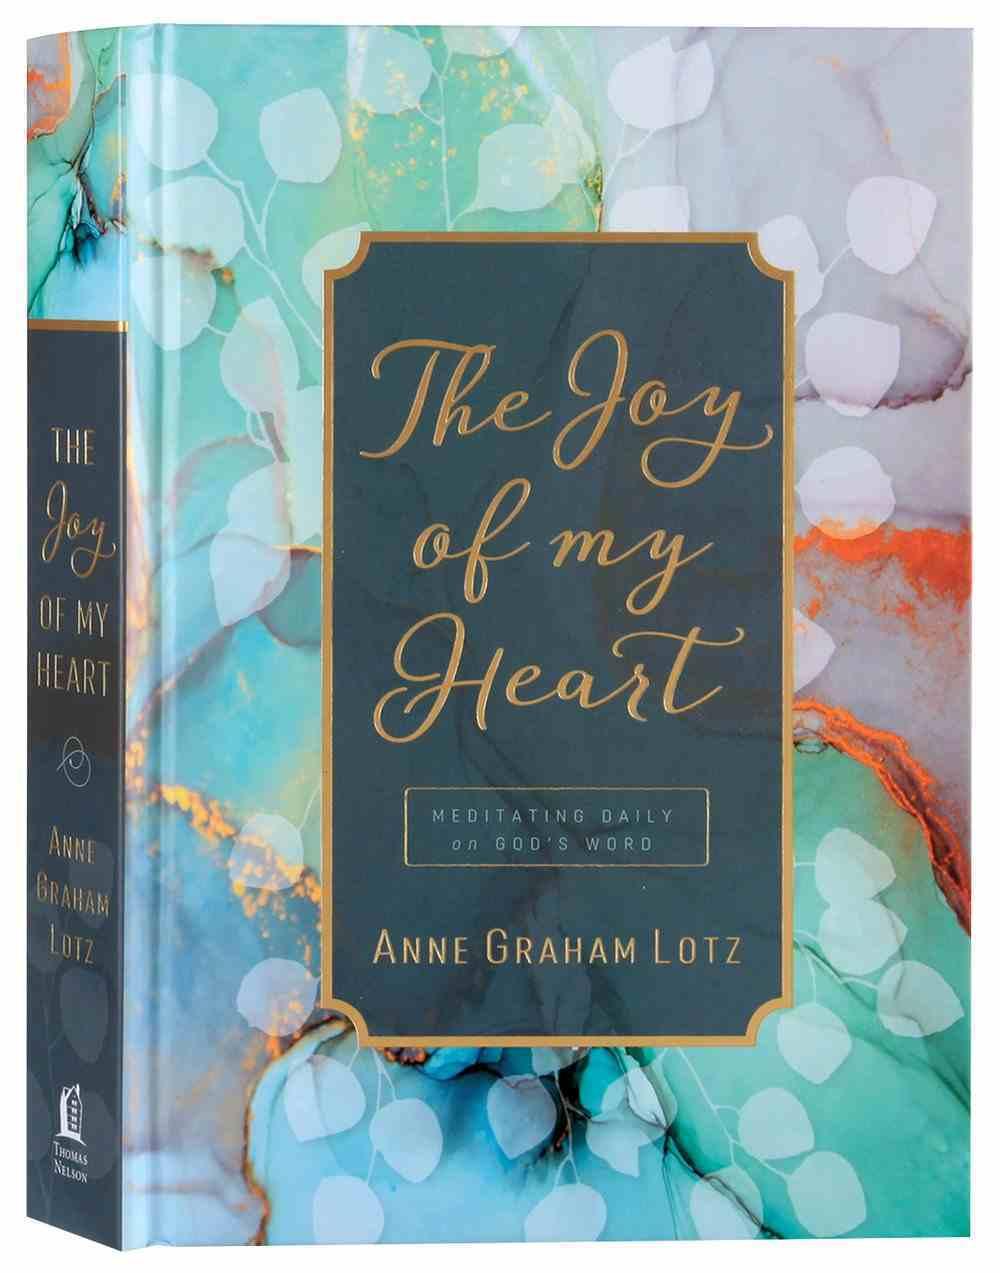 The Joy of My Heart: Meditating Daily on God's Word Hardback